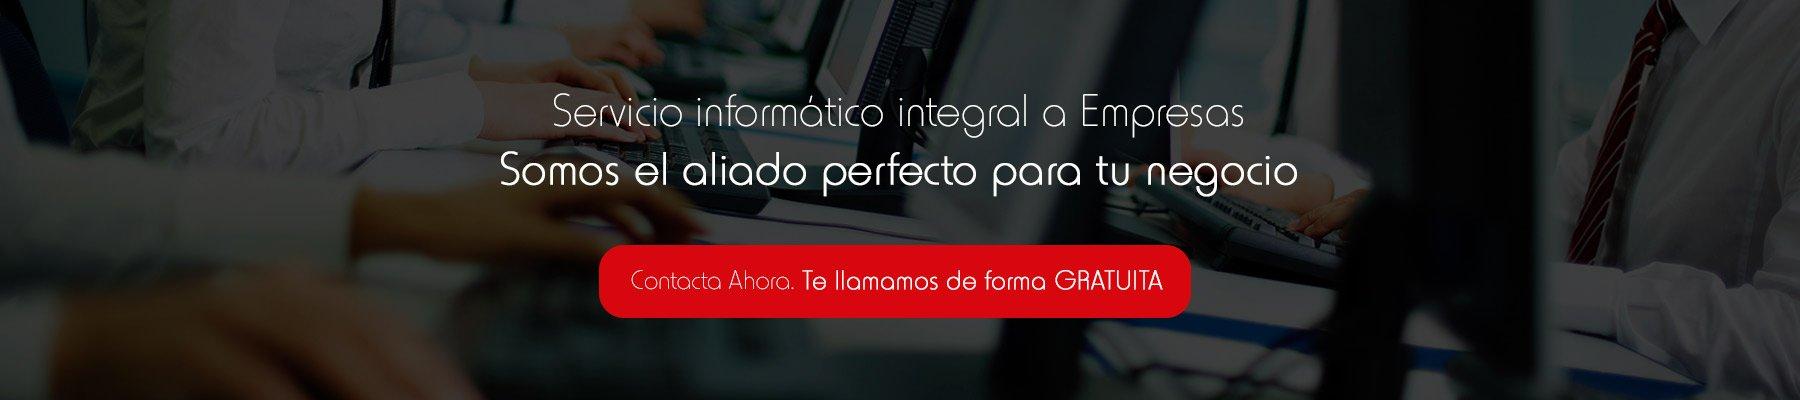 Soluciones Informaticas a Empresas en Barcelona | ASNET